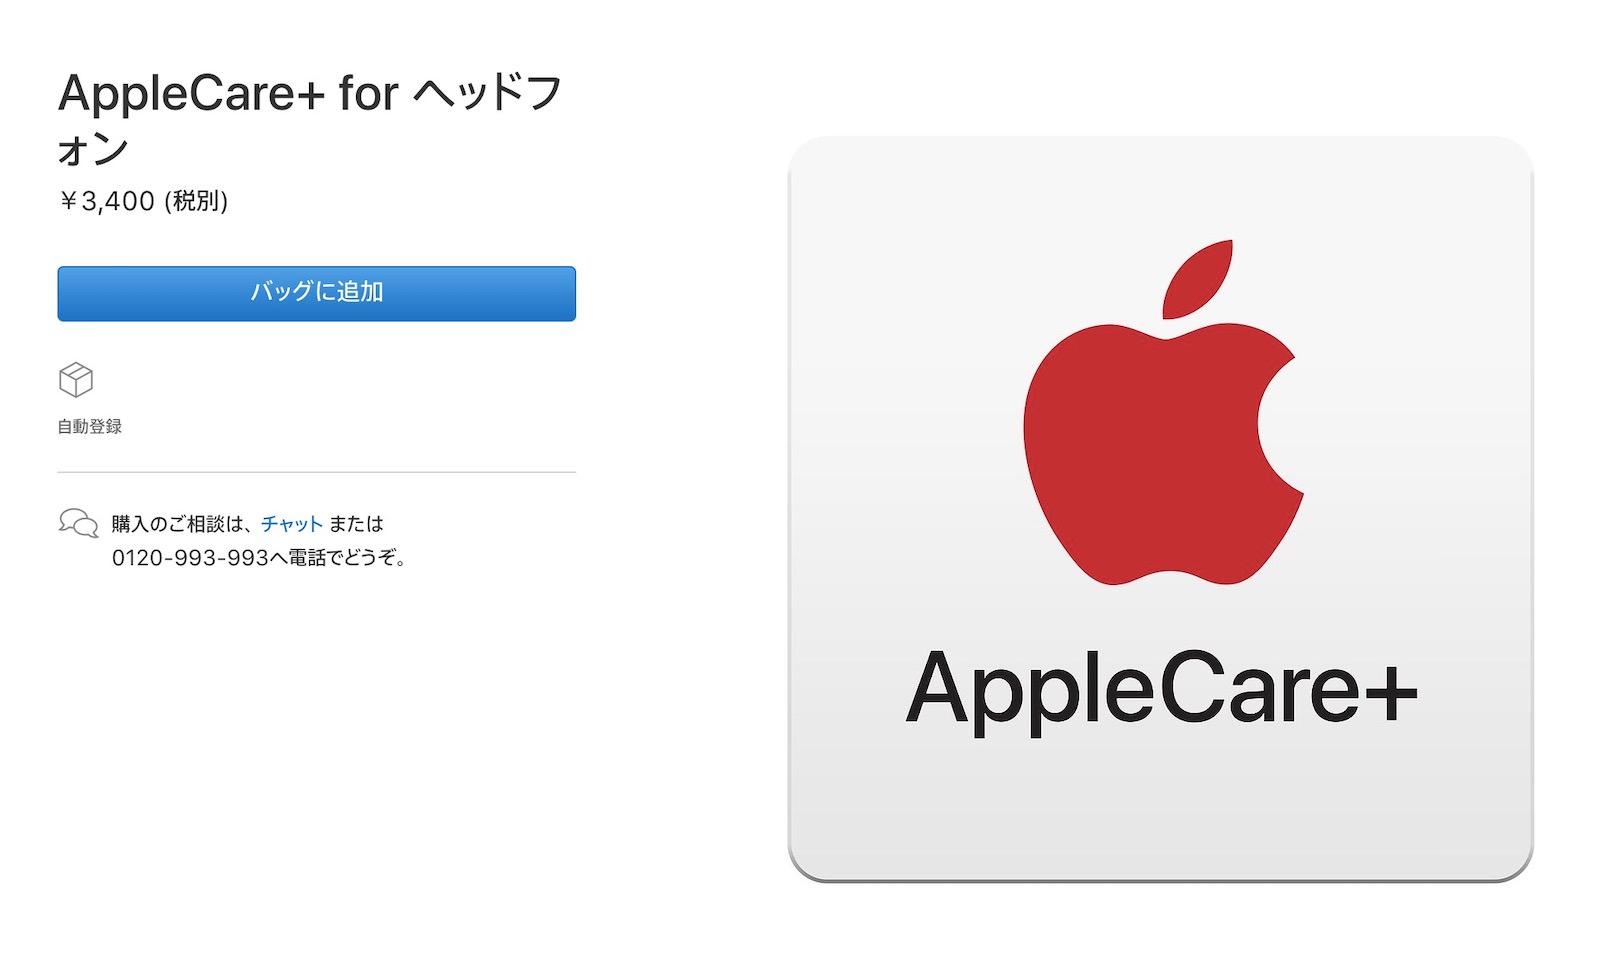 apple-care-for-headphones.jpg